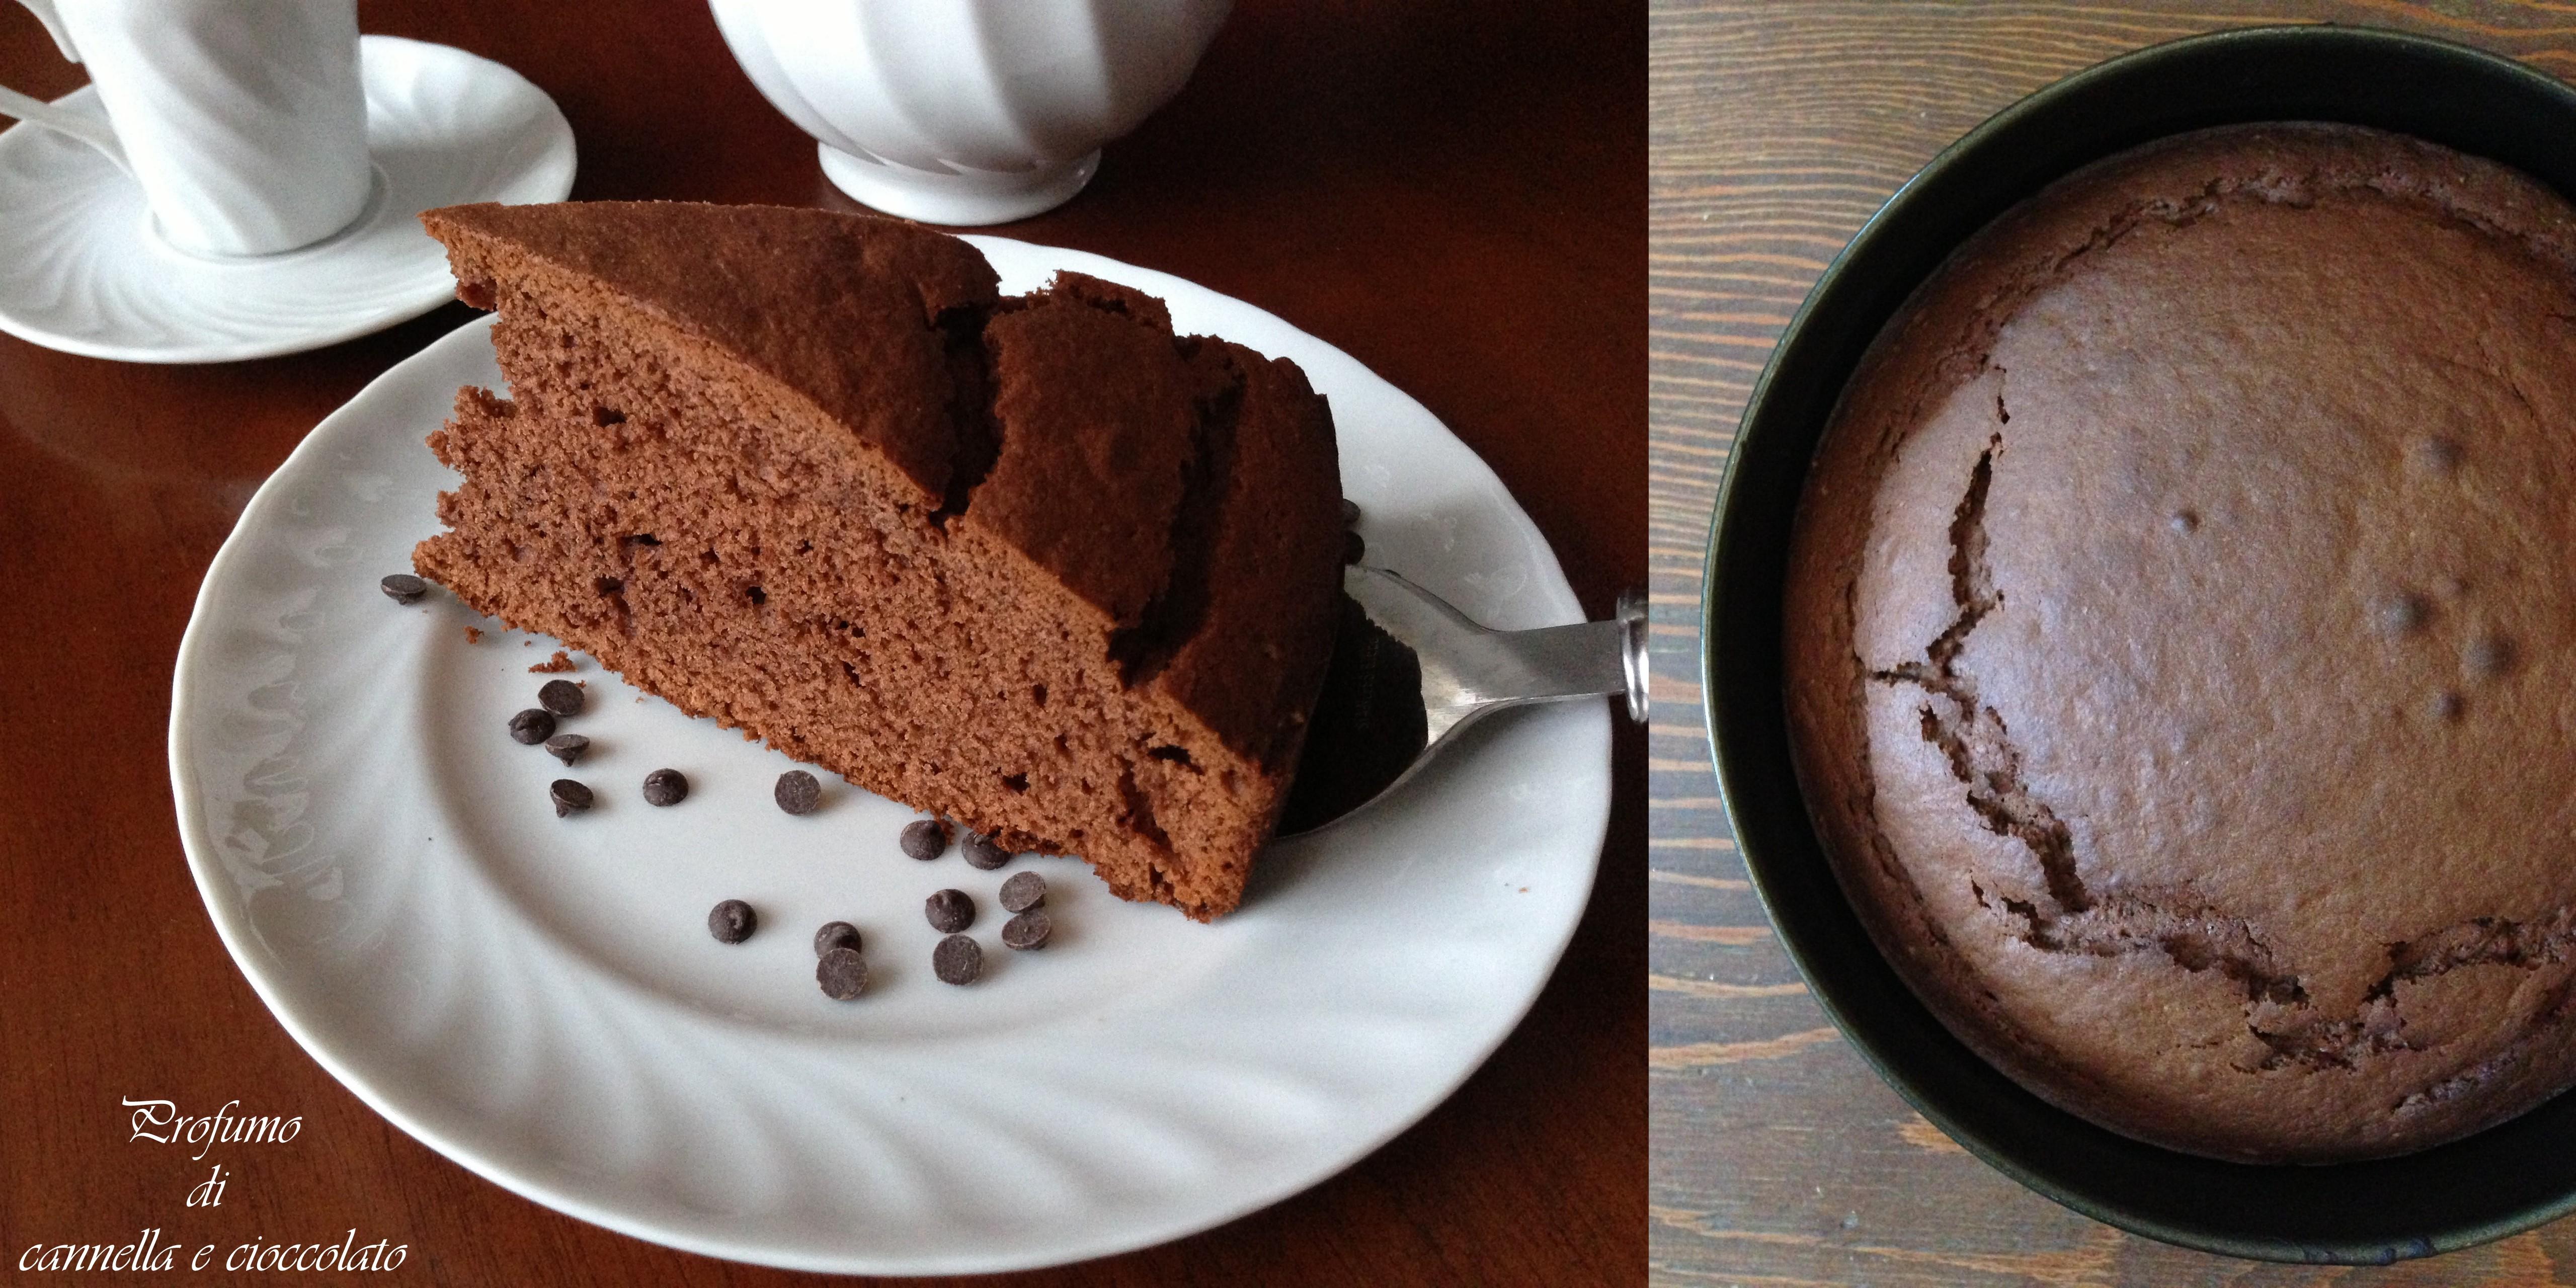 pere e cioccolato1